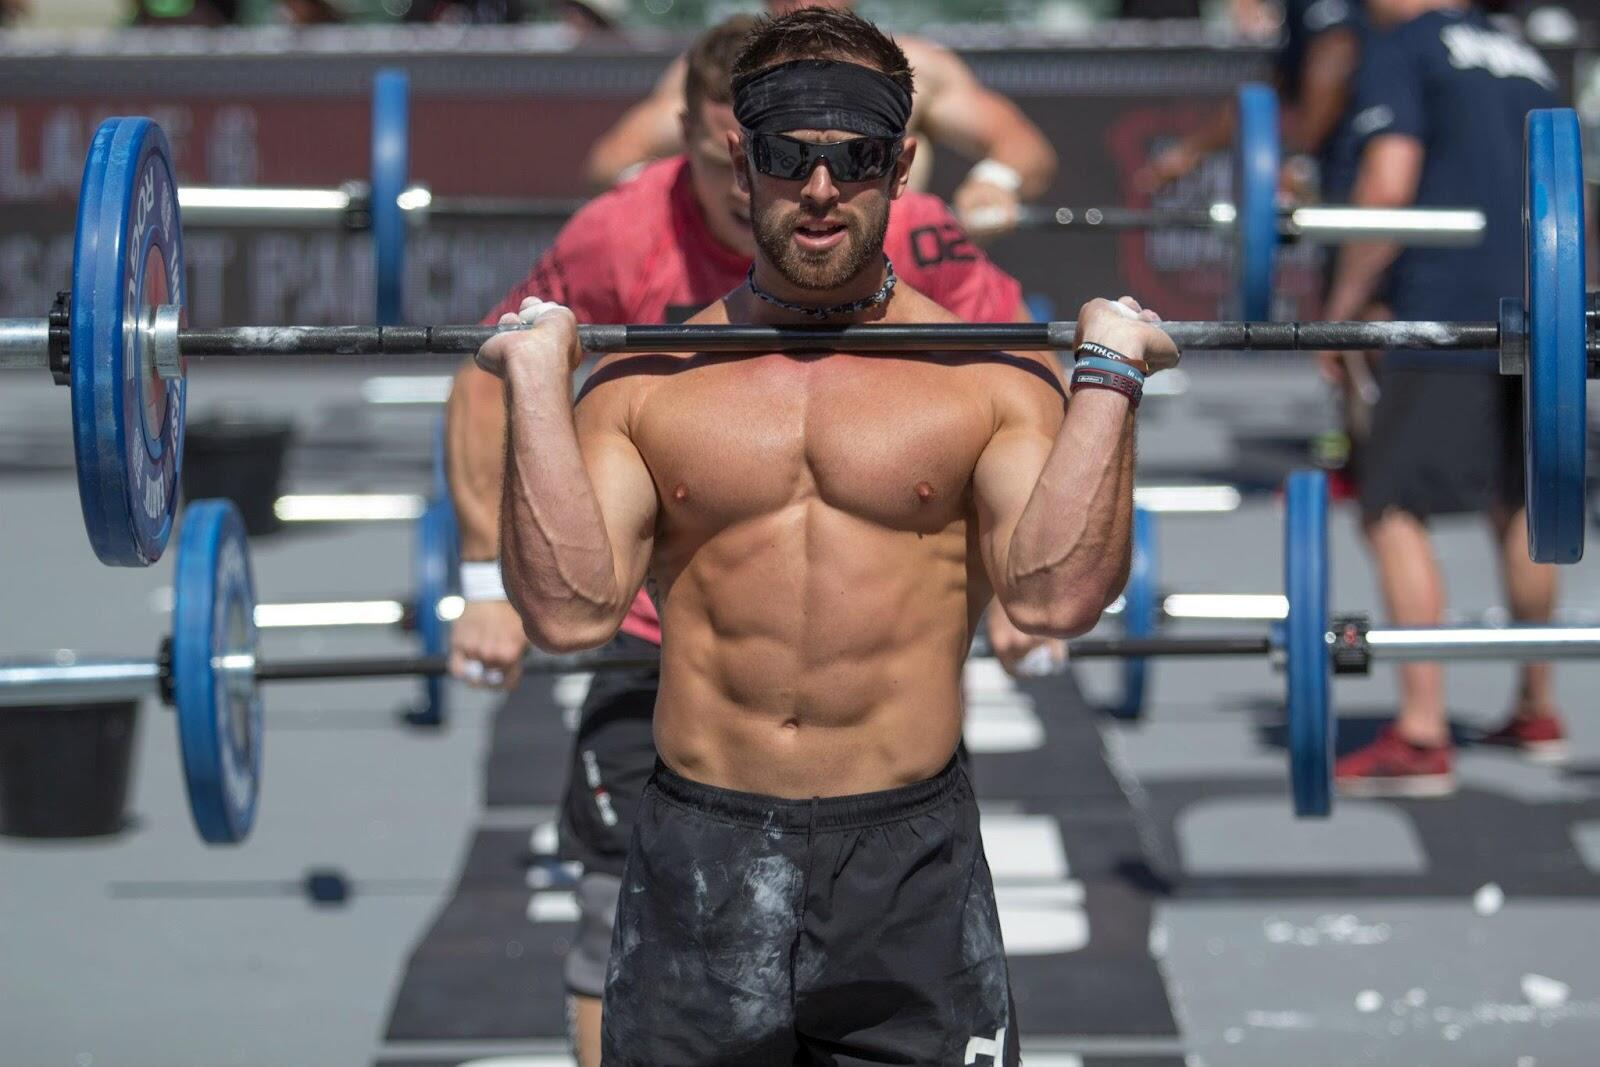 ¡Nos gusta el Crossfit! Aquí, Rich Froning en plena competición: grande, fuerte y definido http://t.co/JjMgfatdil